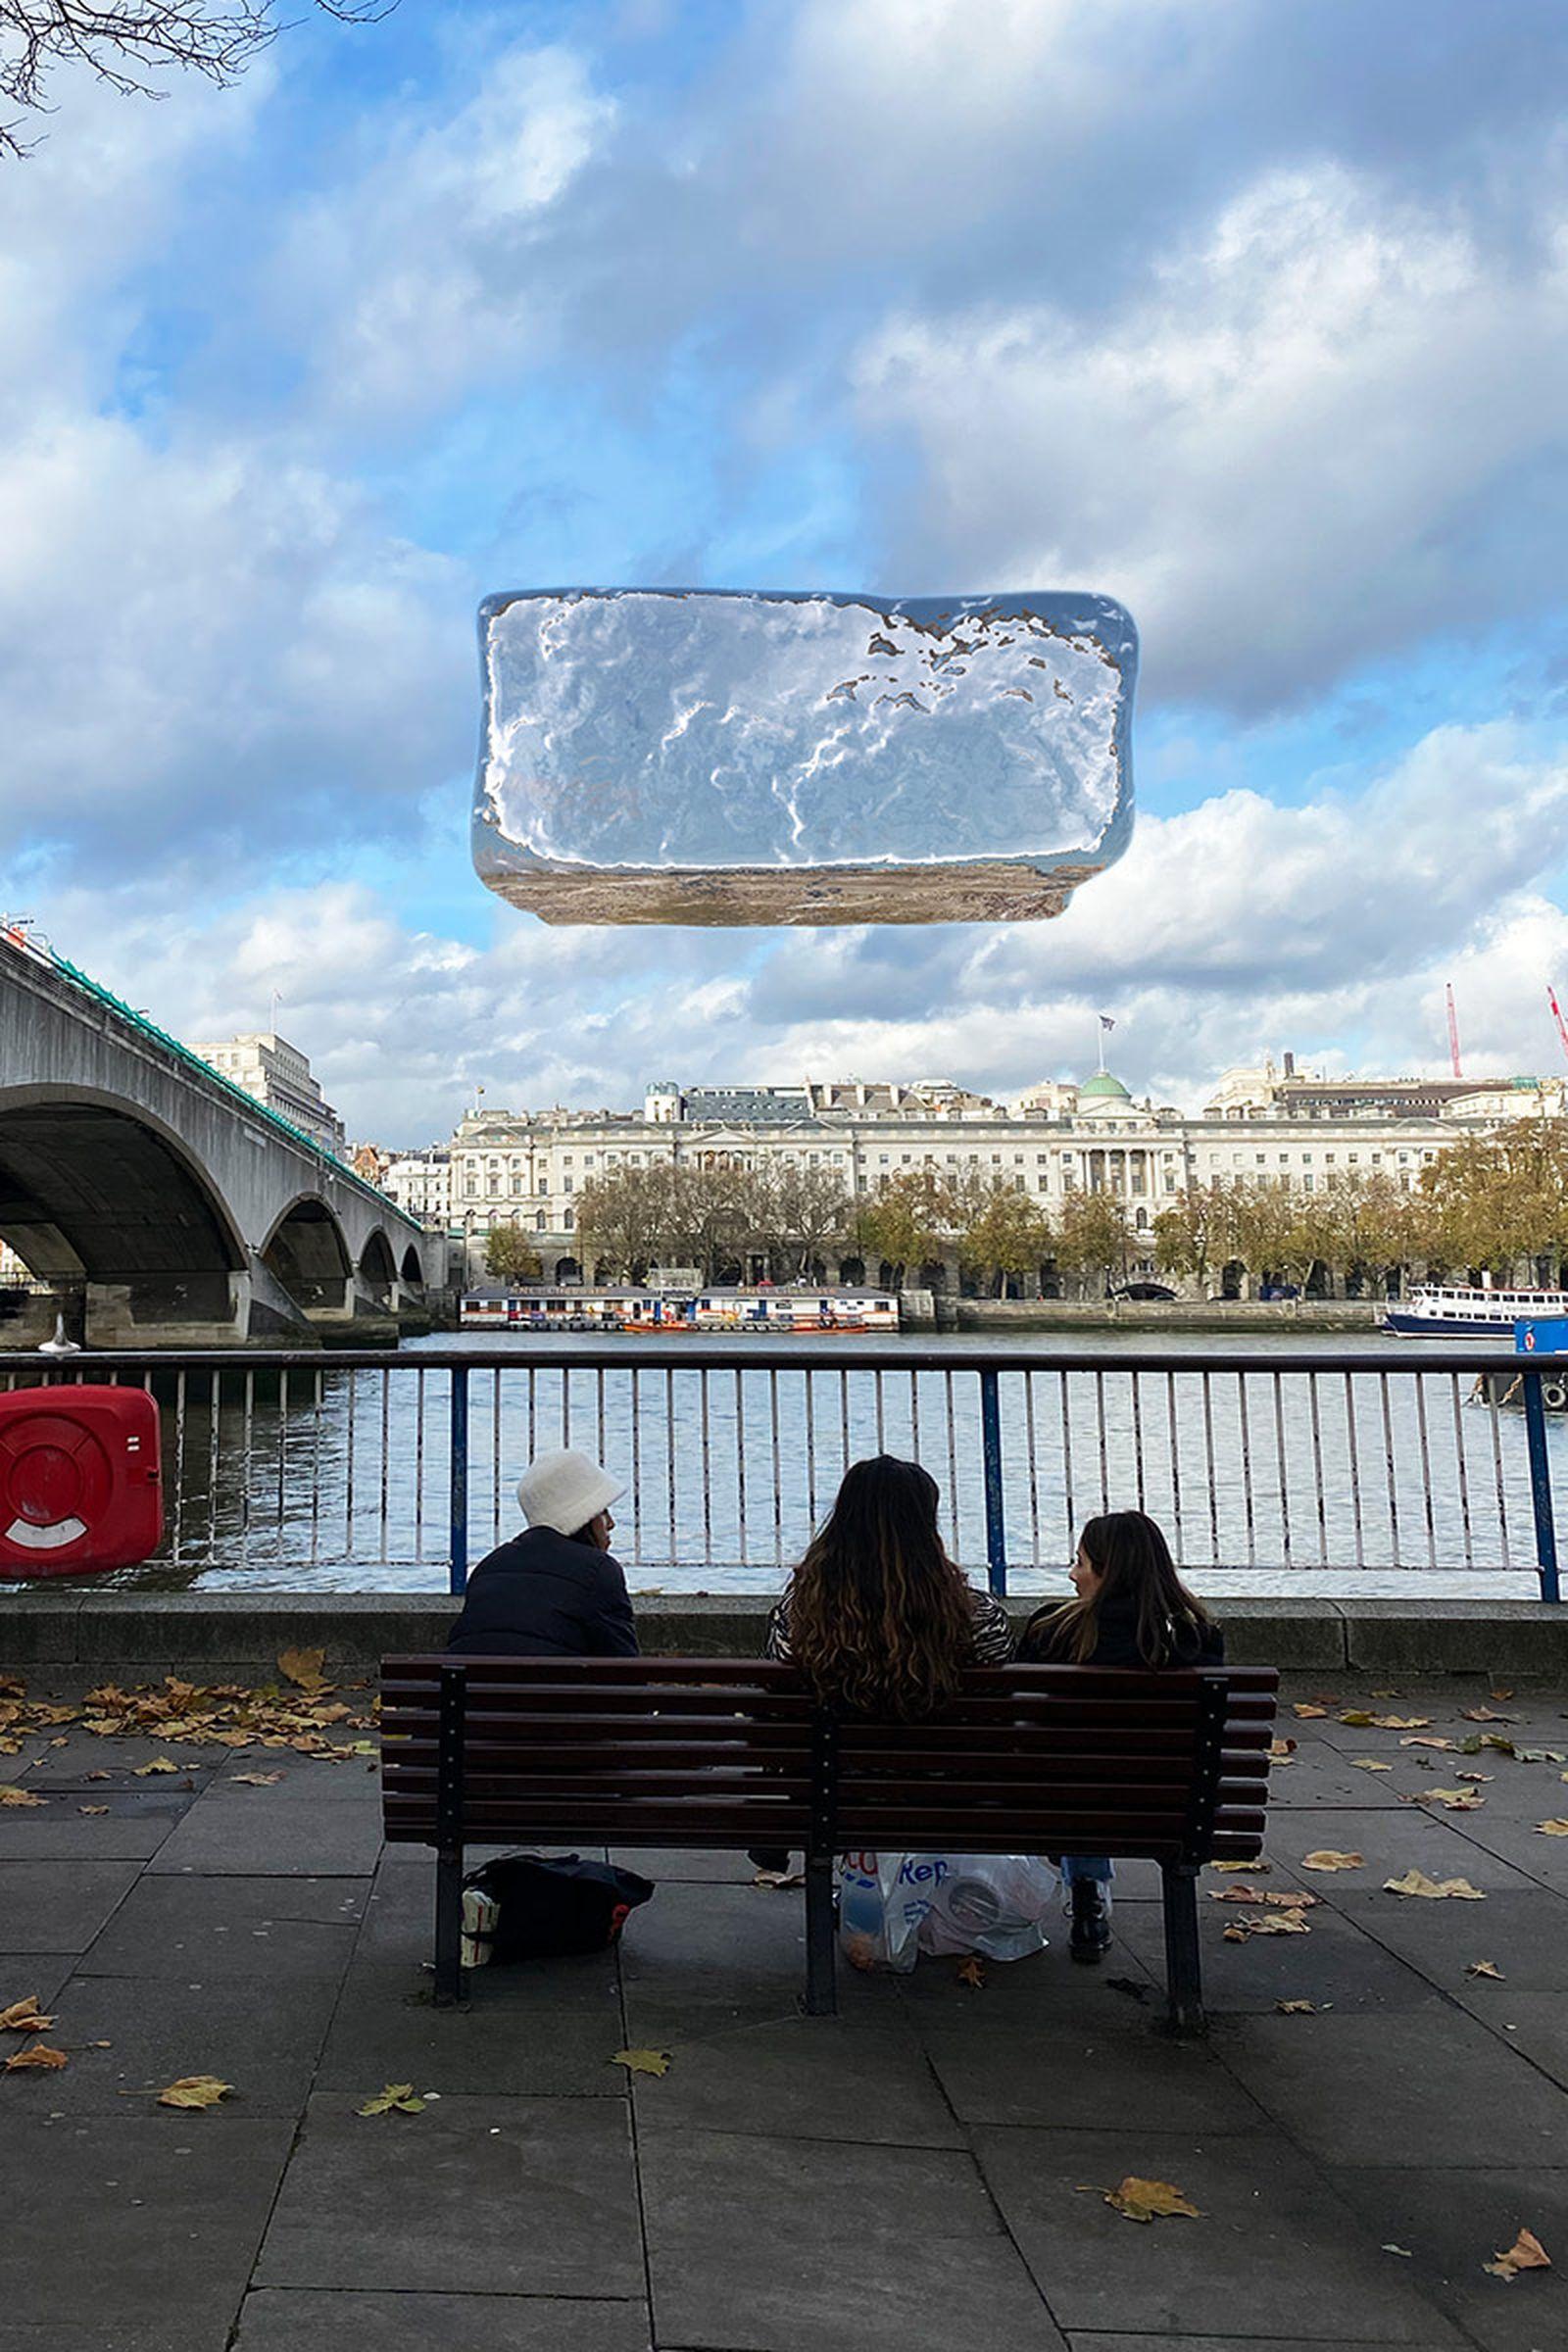 unreal-city-augmented-reality-kaws-03